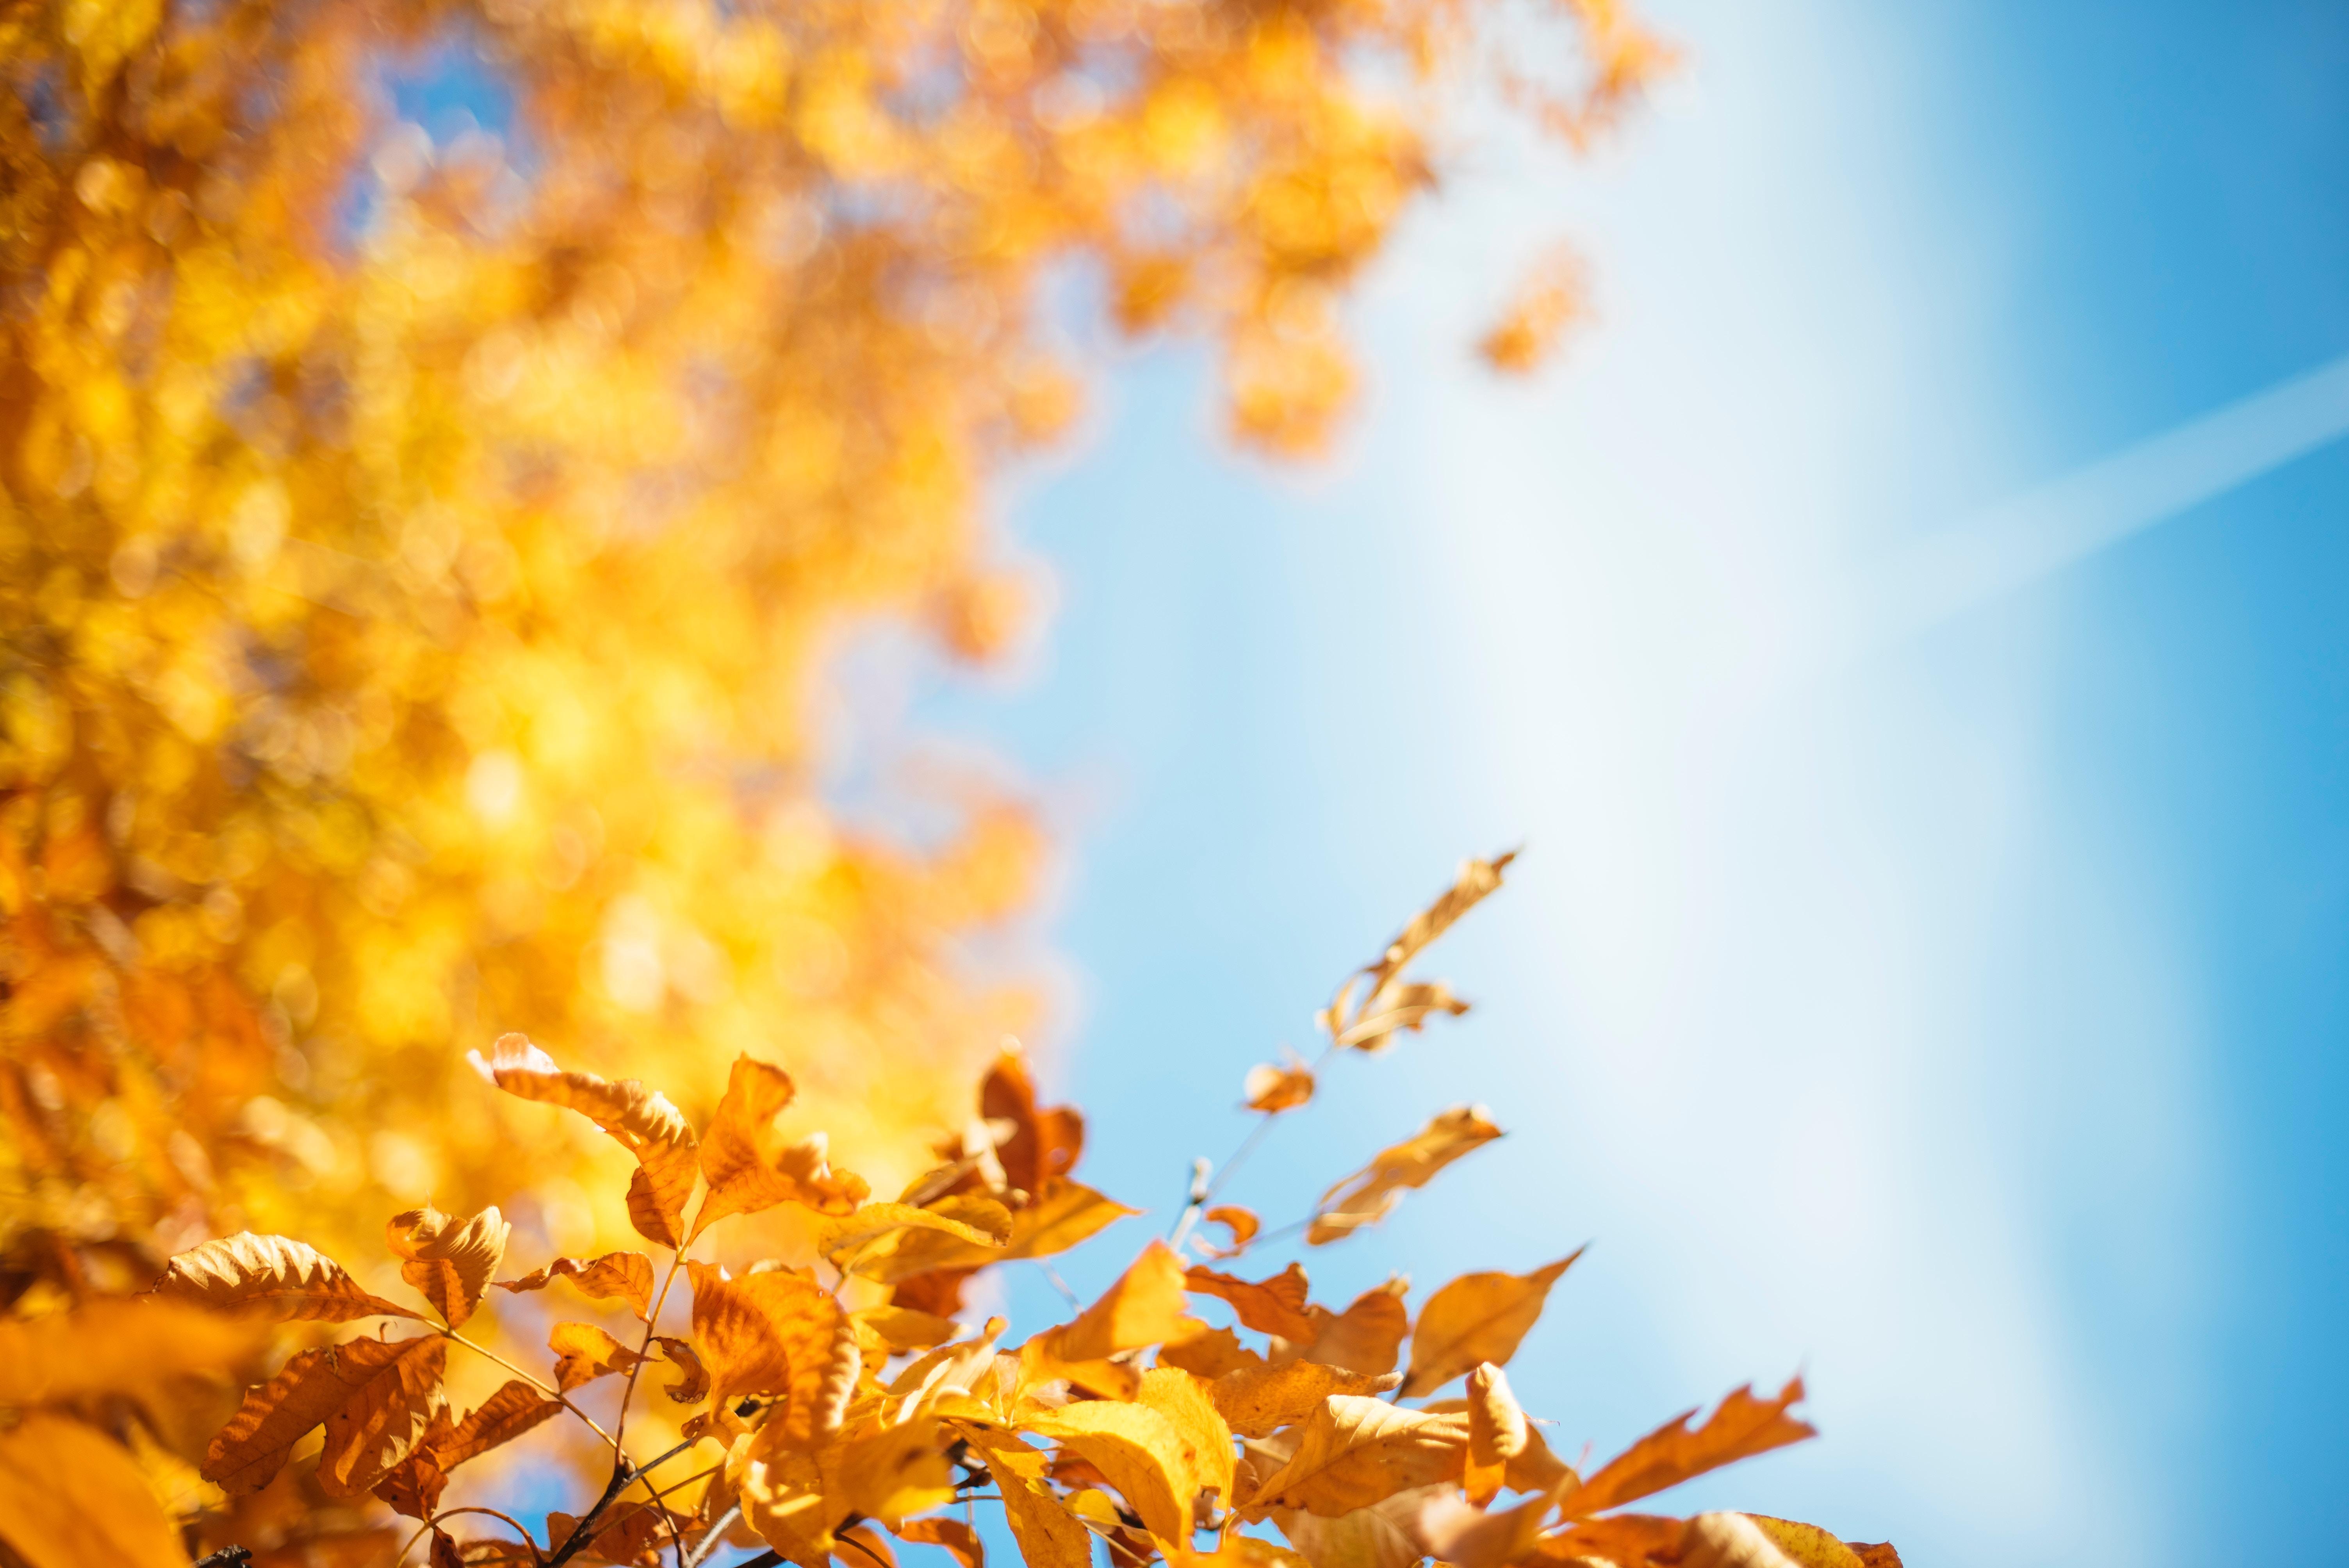 autumn leave 1574937494 - Autumn Leave -